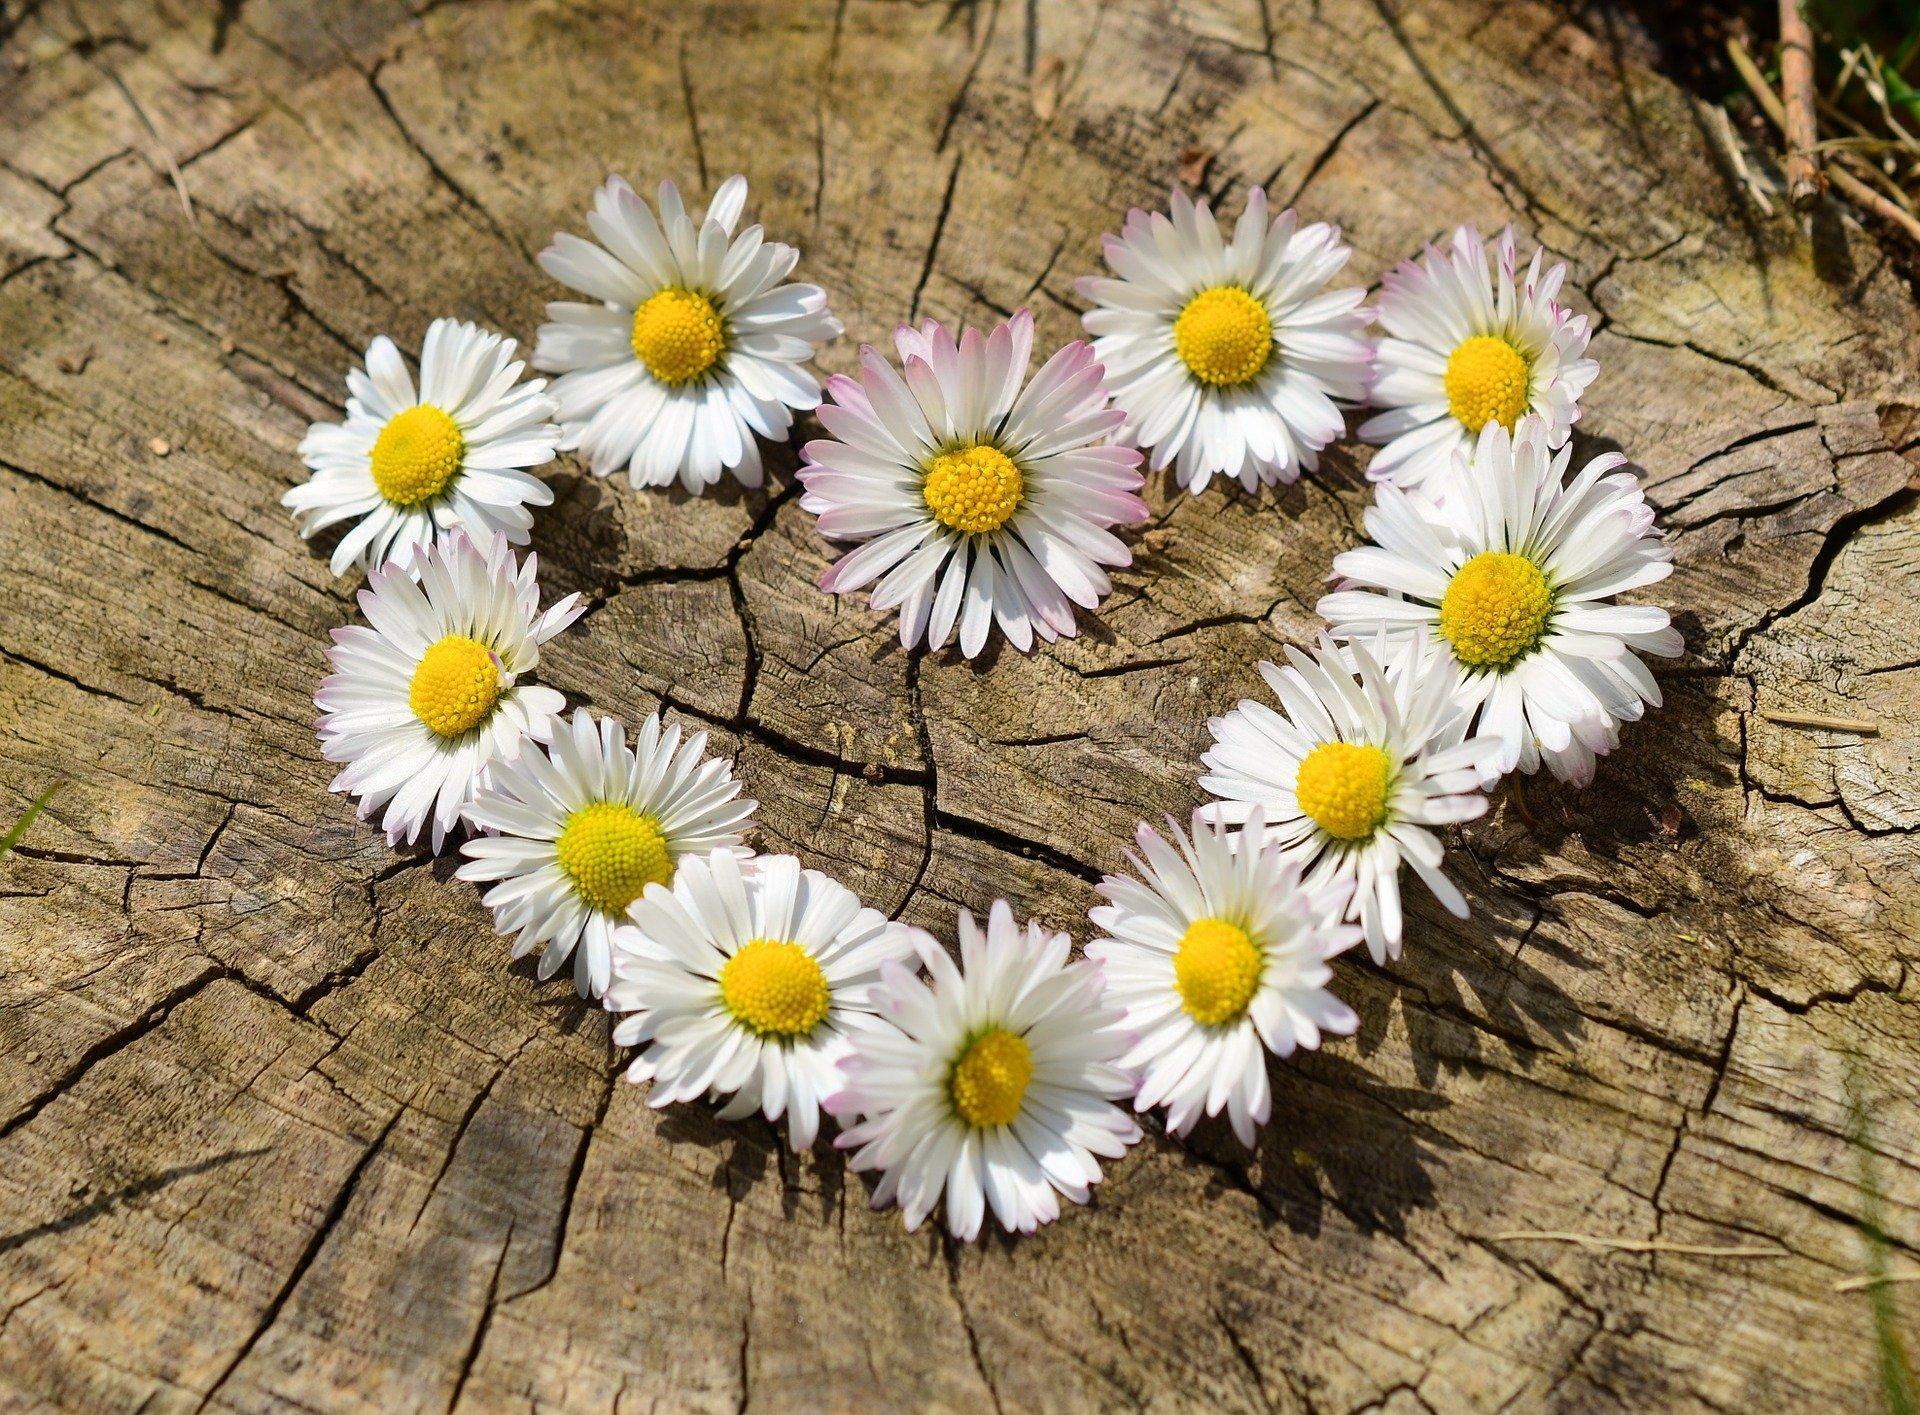 Daisy Heart from Pixabay